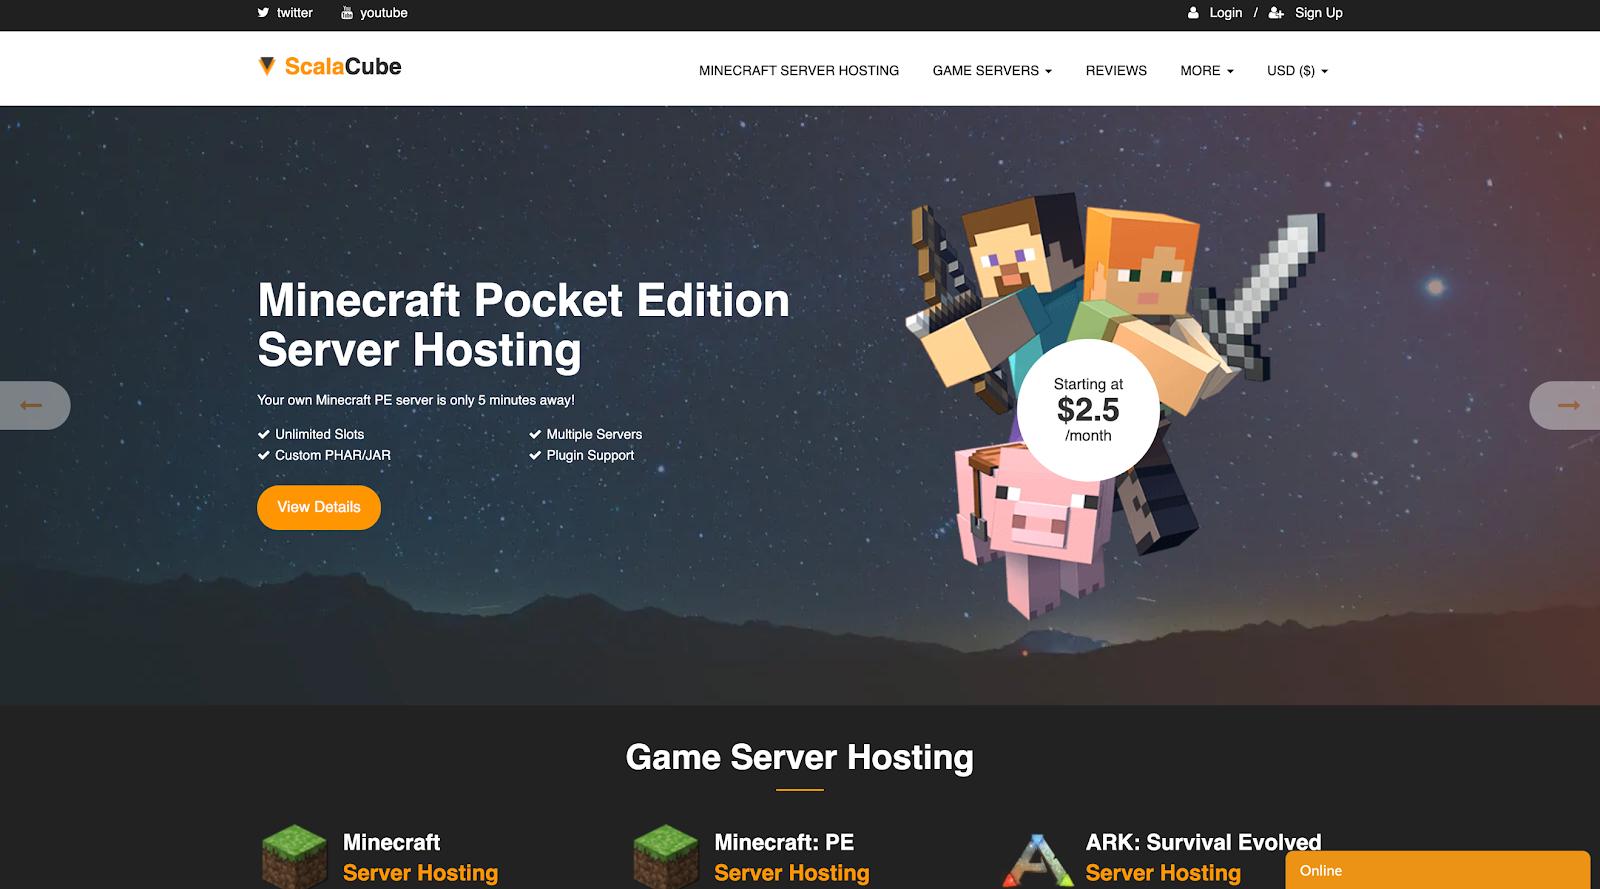 Services d'hébergement Minecraft les moins chers en 2020 4